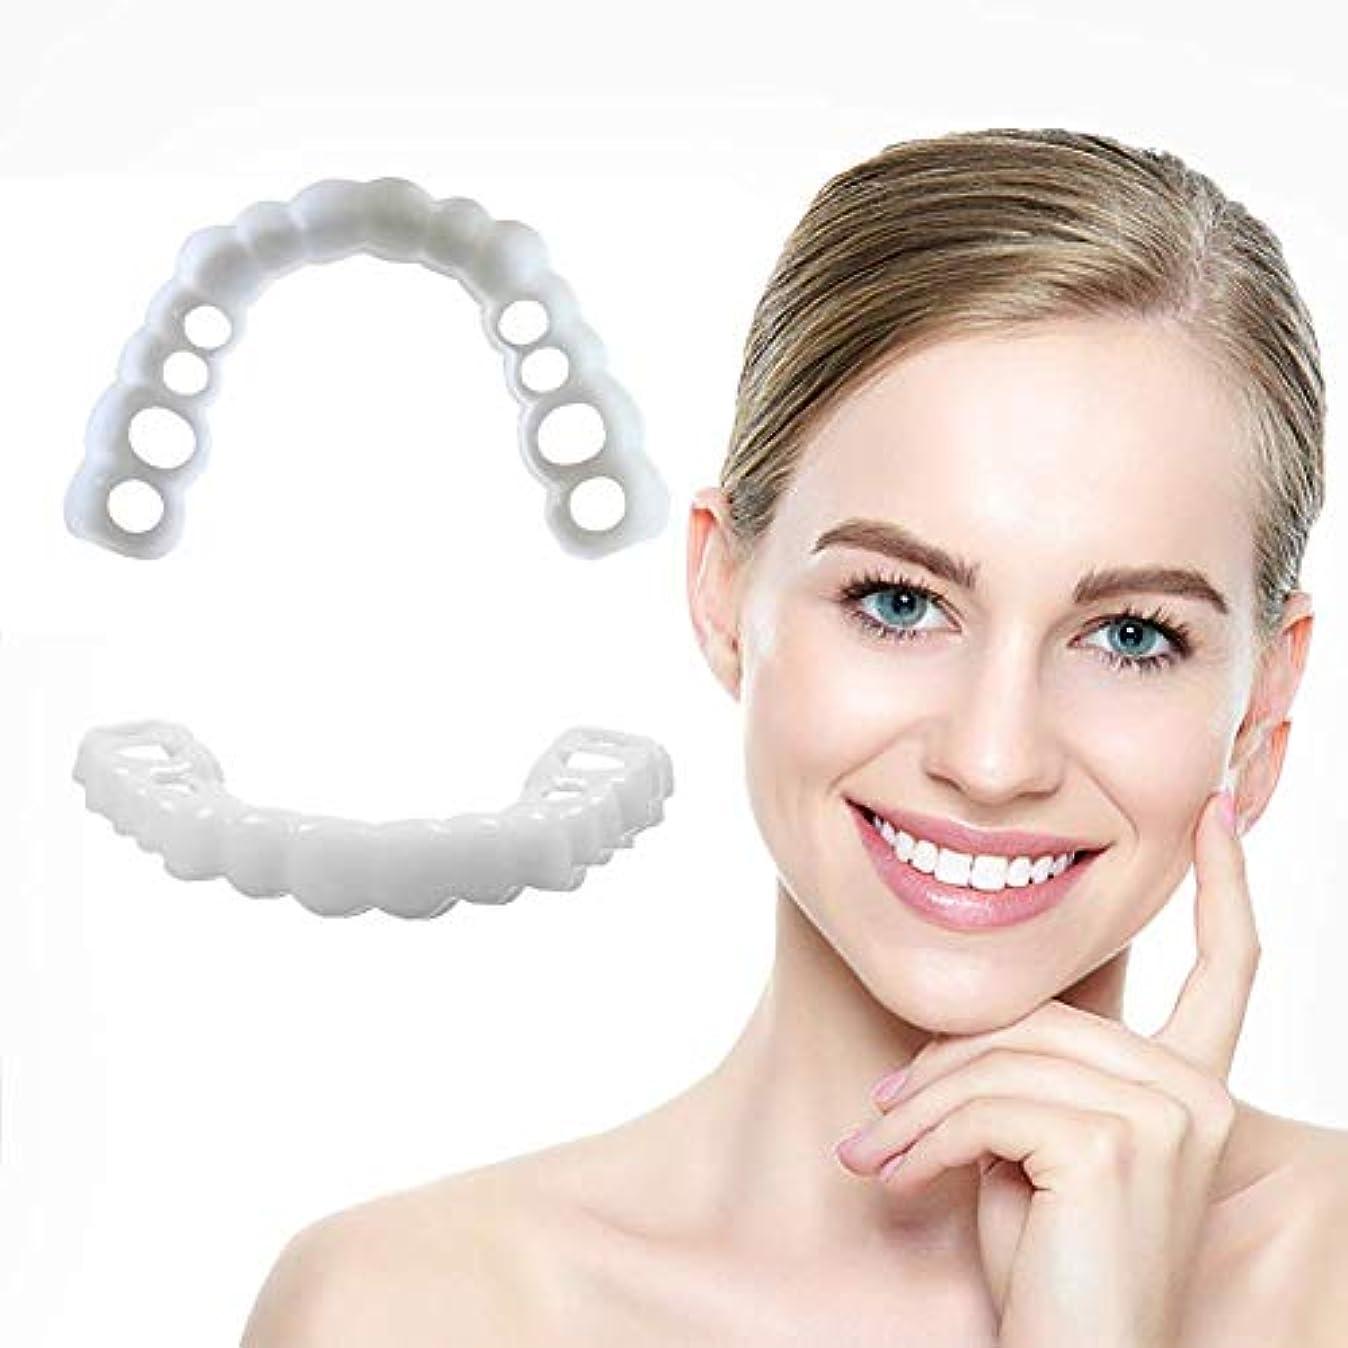 ラボ平手打ち実行セットの第二世代のシリコーンのシミュレーションの歯科用義歯を白くする上下の歯の模擬装具,10pcs,Upperteeth